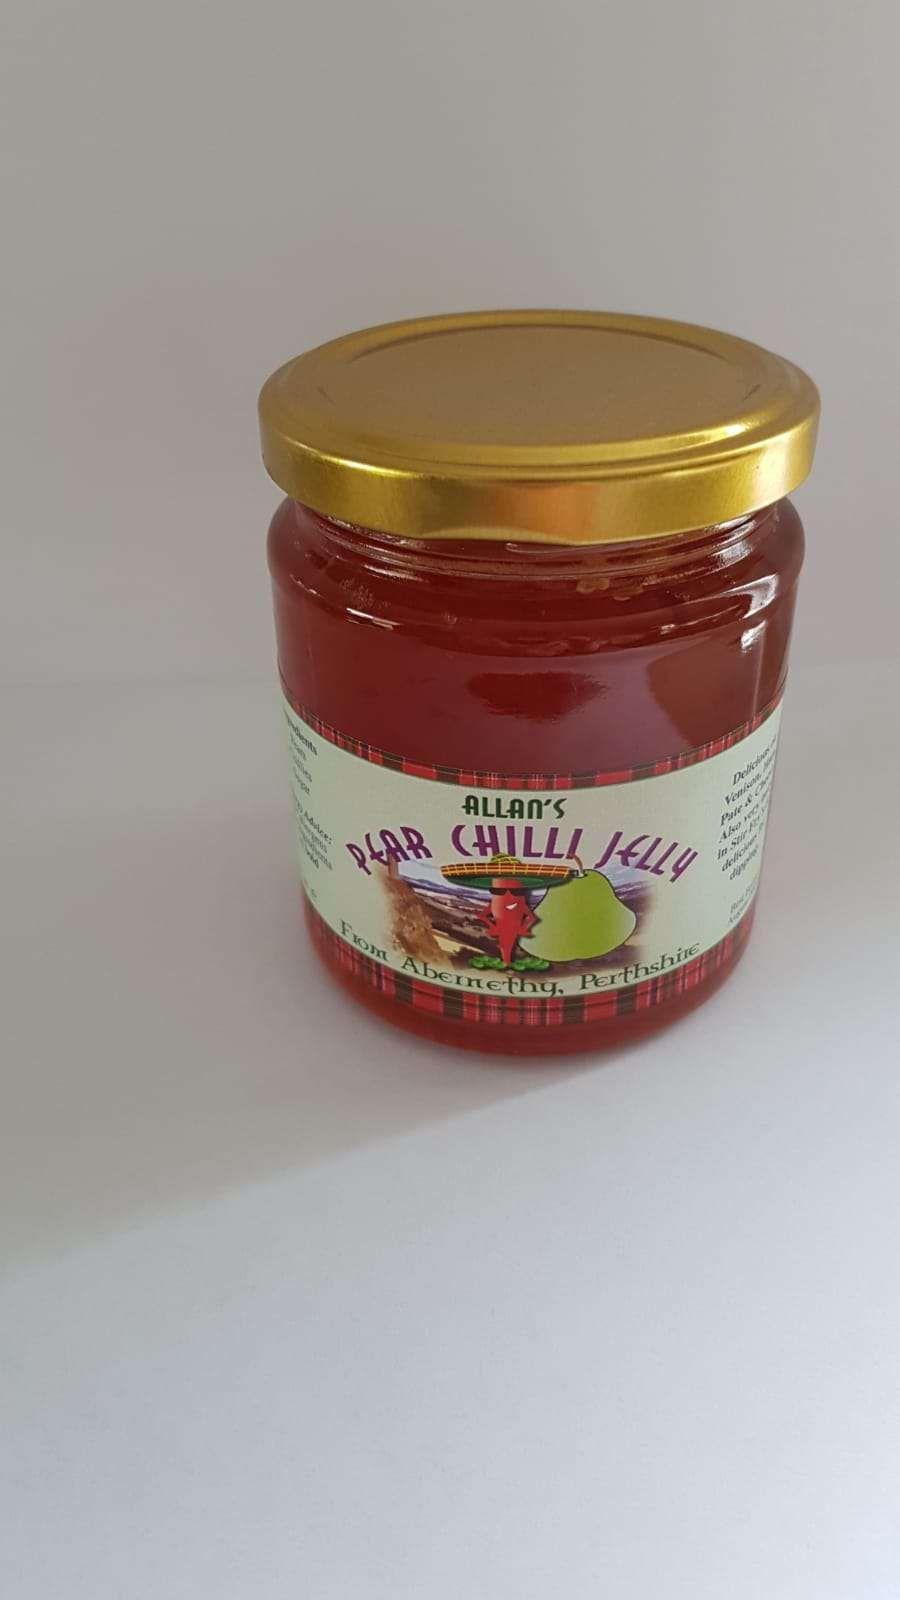 Allan's Pear Chilli Jelly